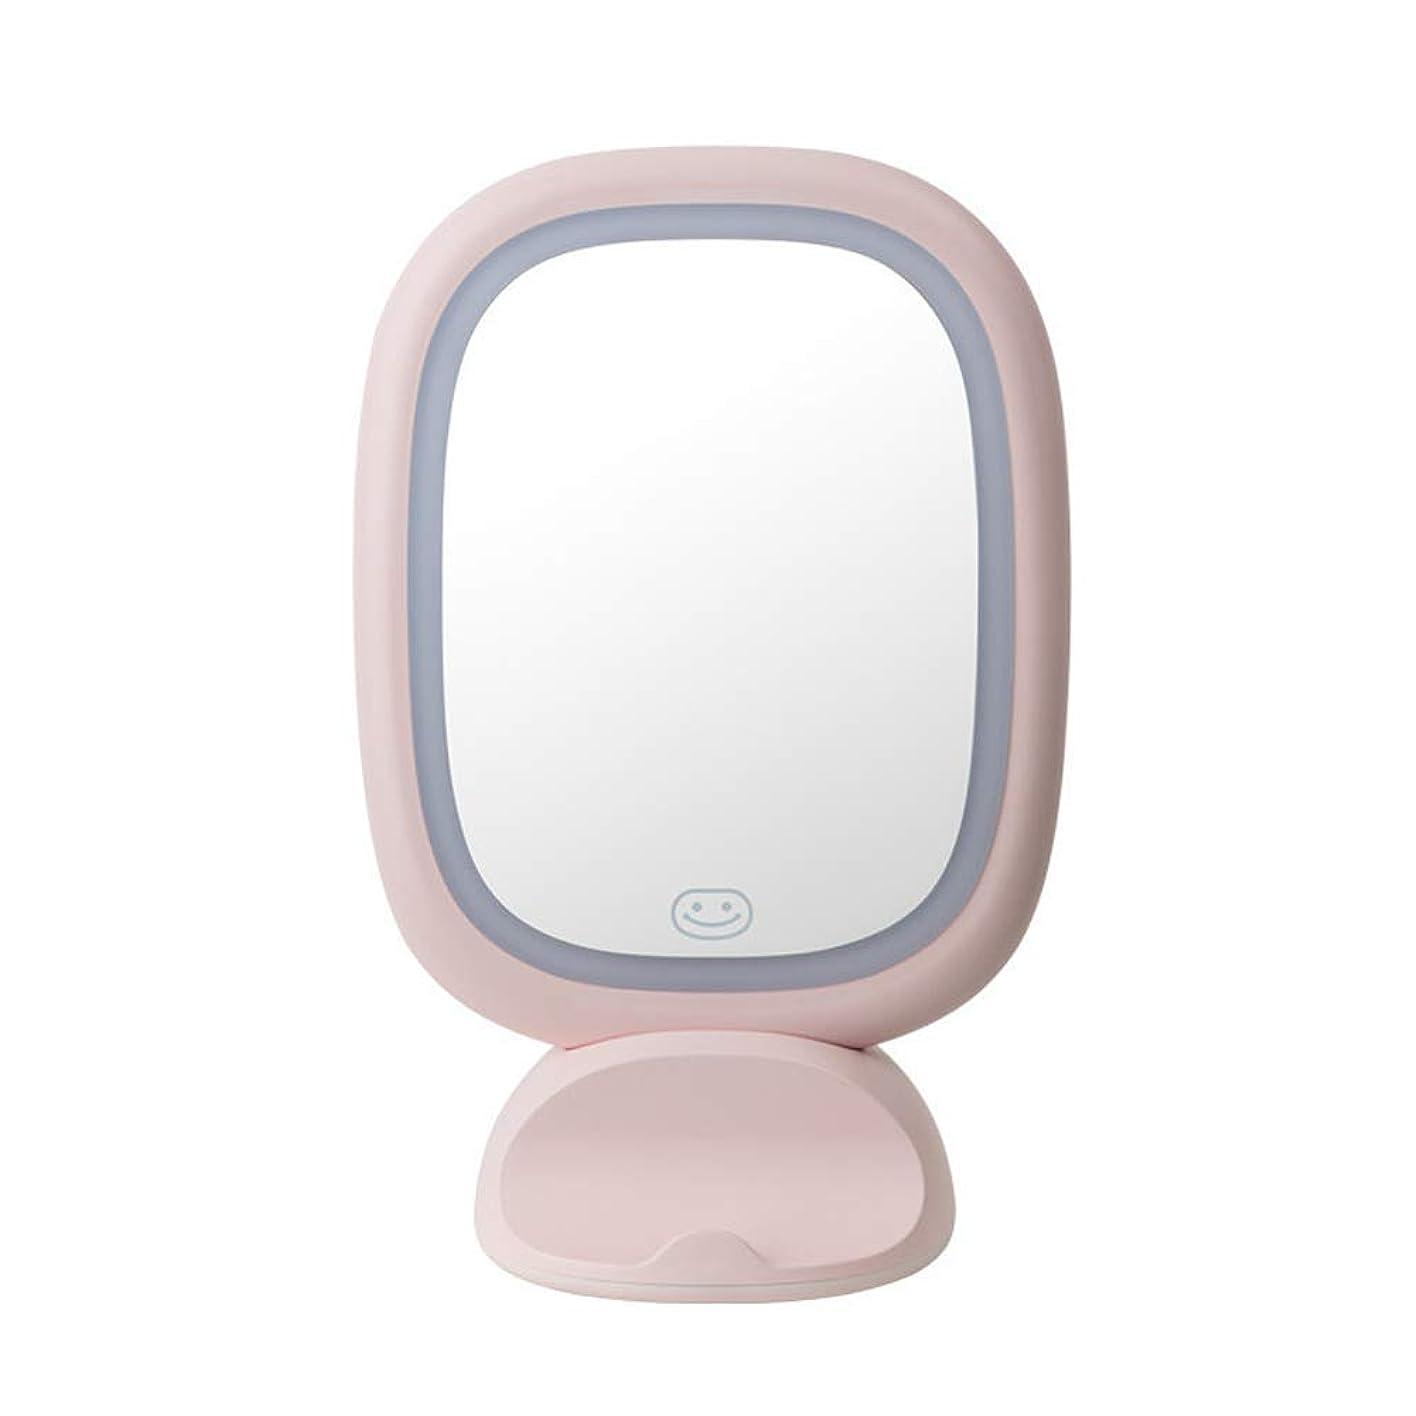 十代敬口ひげ磁気アトラクションLEDバニティミラー、光、スマートタッチ、調整可能な明るさとデスクトップメイクアップミラー,Pink